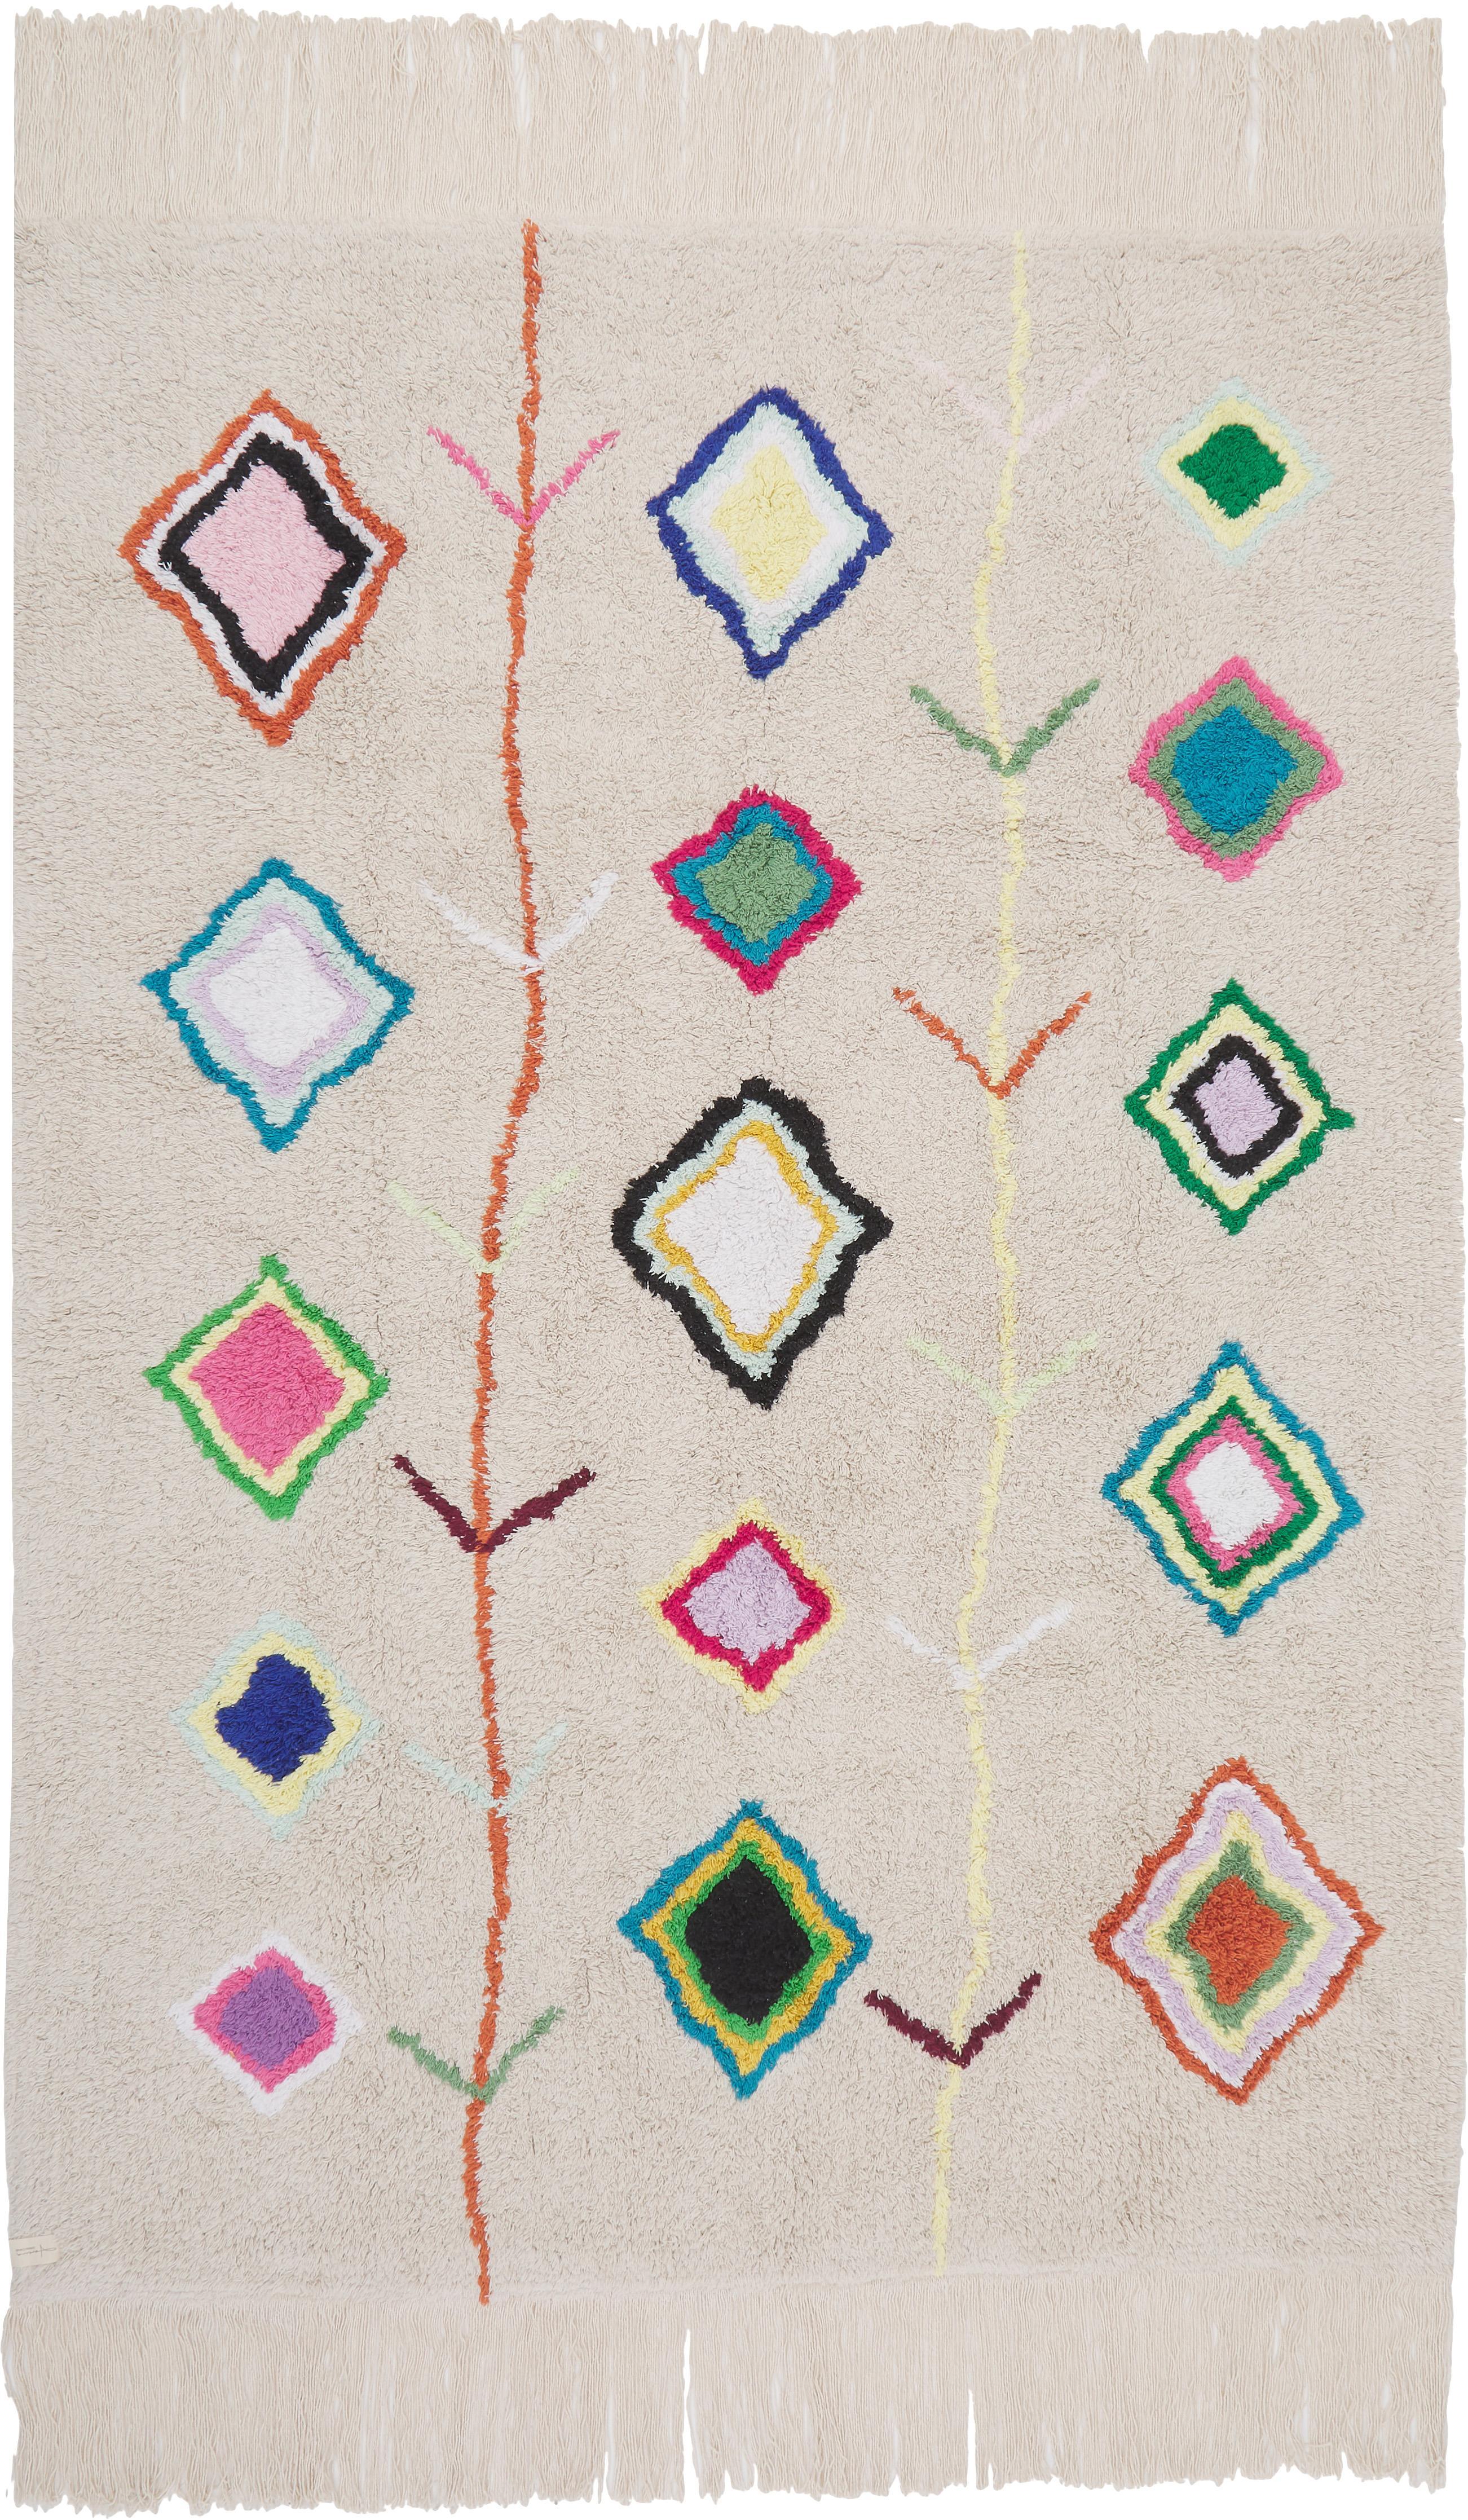 Tappeto lavabile fatto a mano Kaarol, 97% cotone riciclato, 3% altre fibre Oeko-Tex Standard 100, Multicolore, Larg. 140 x Lung. 200 cm (taglia S)